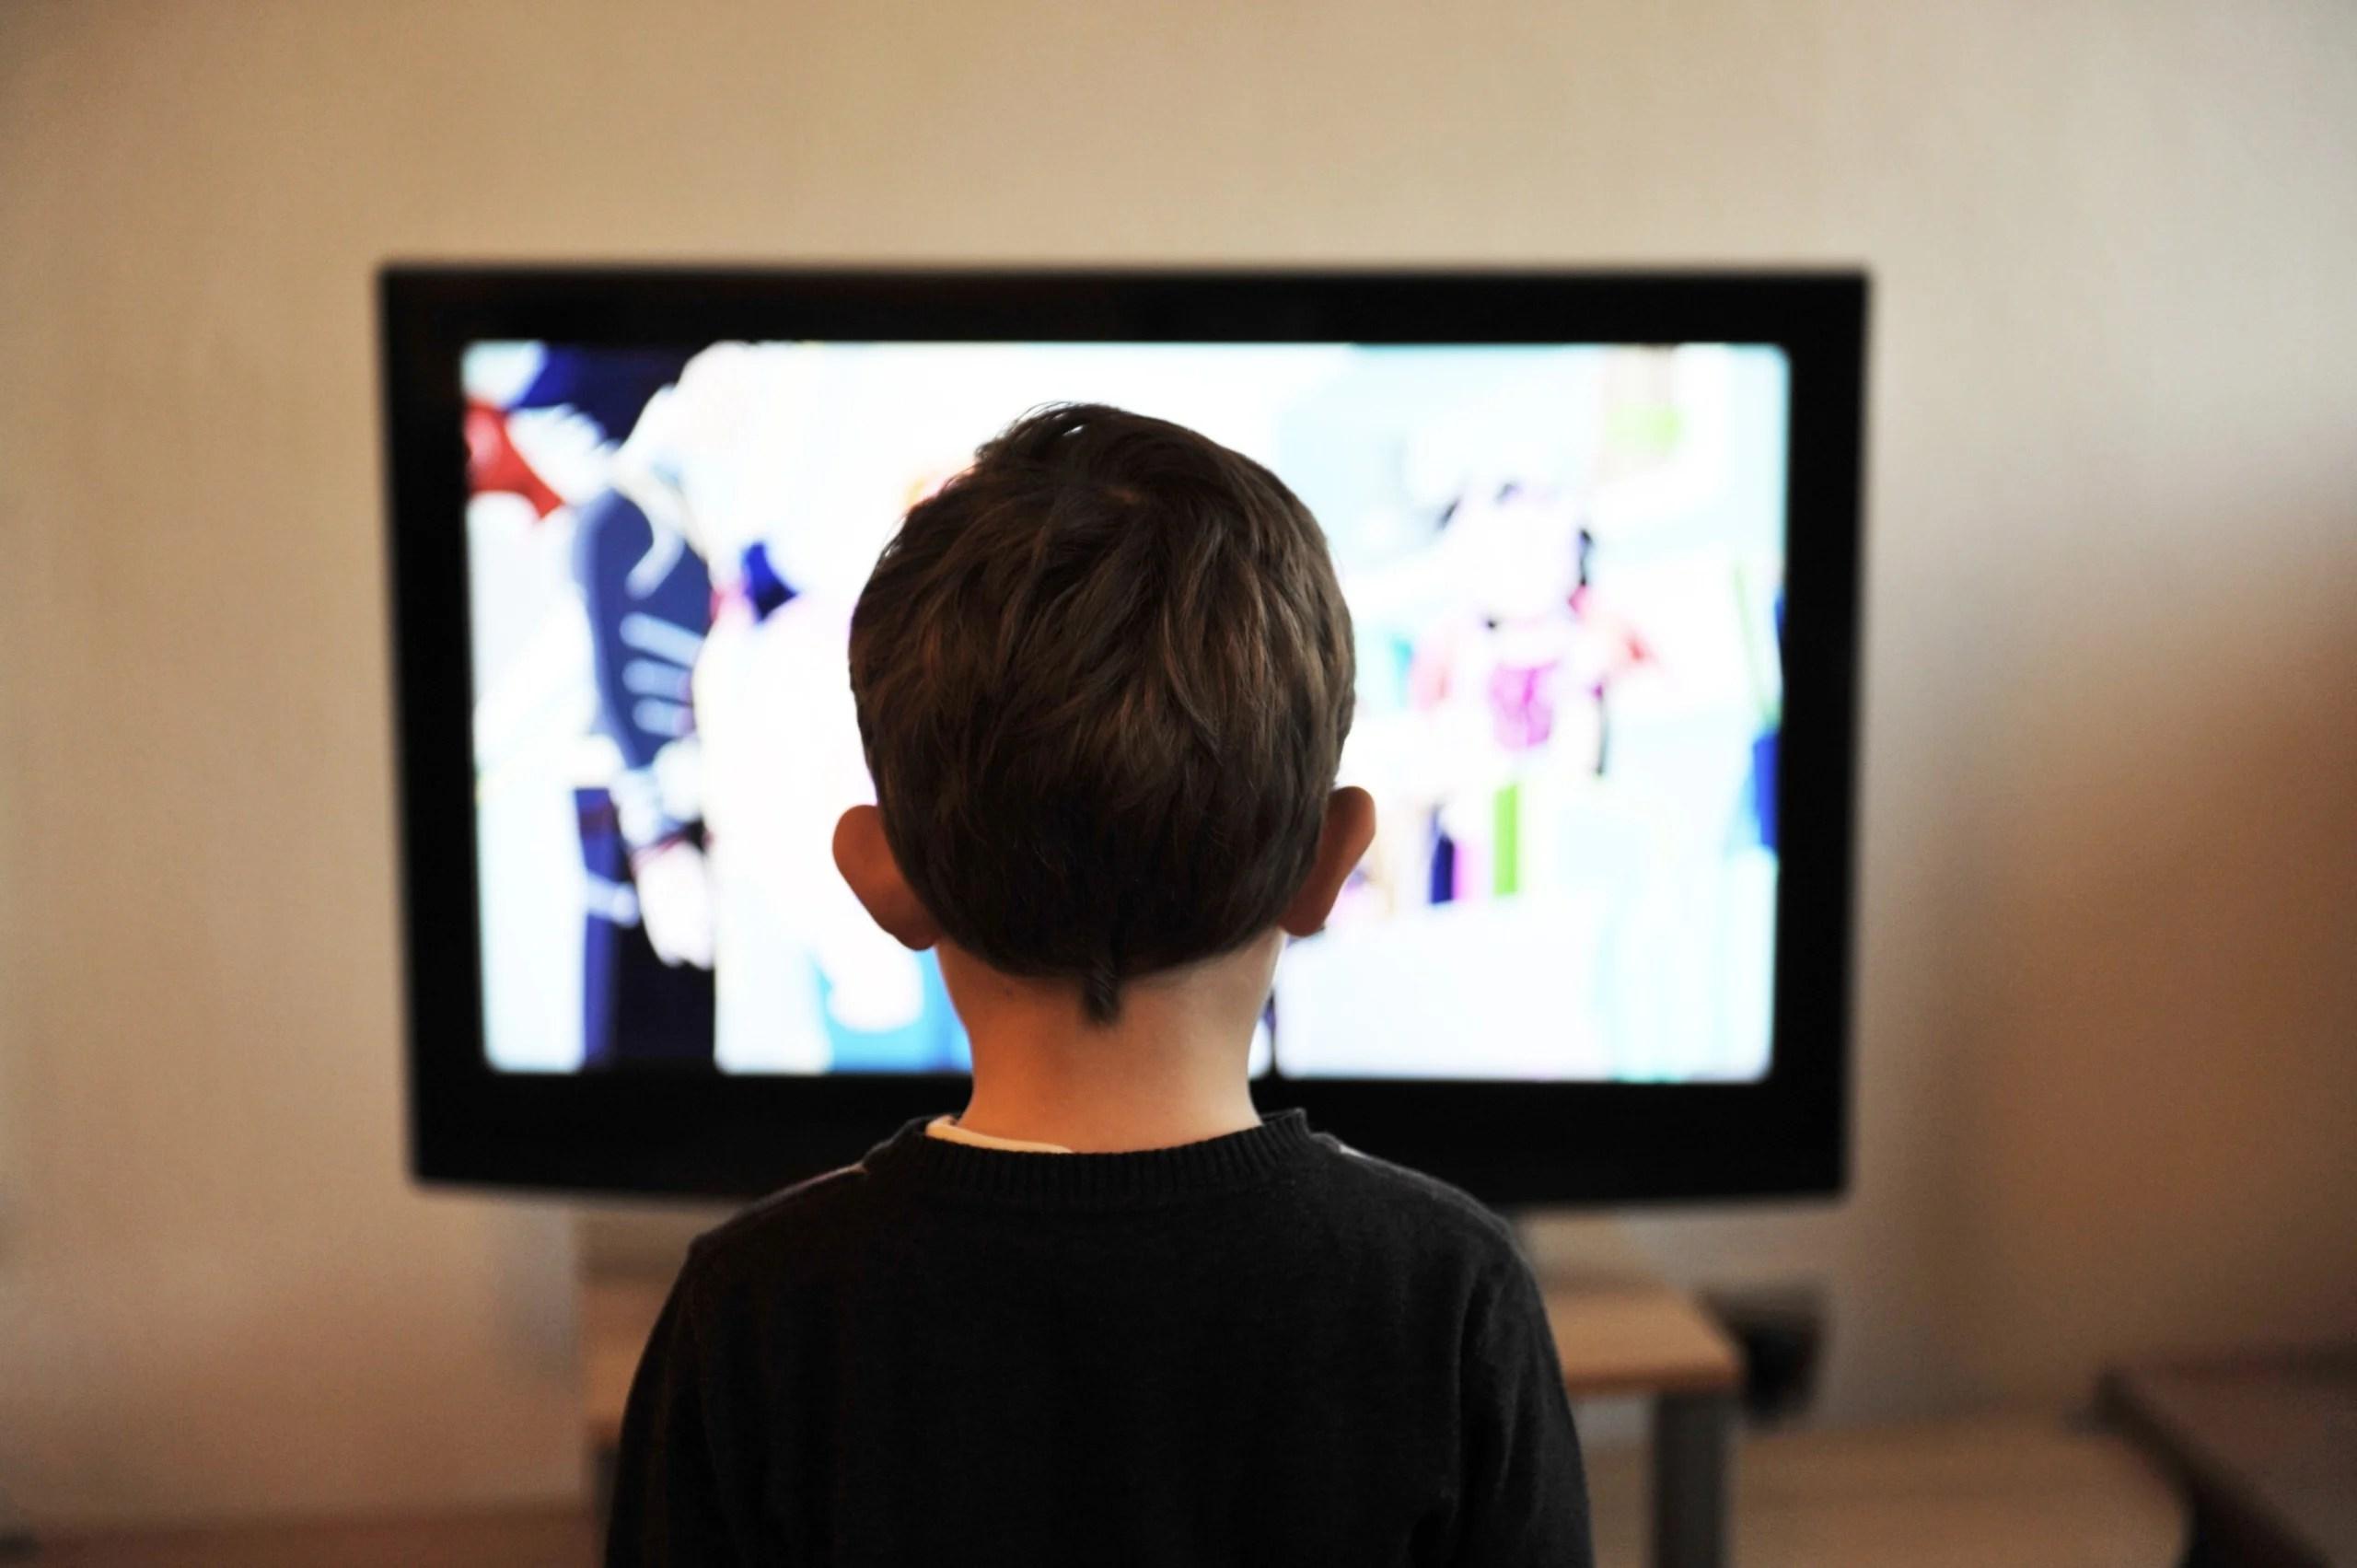 Publicités ciblées à la télé: Orange et France Télévisions s'allient pour en afficher rapidement